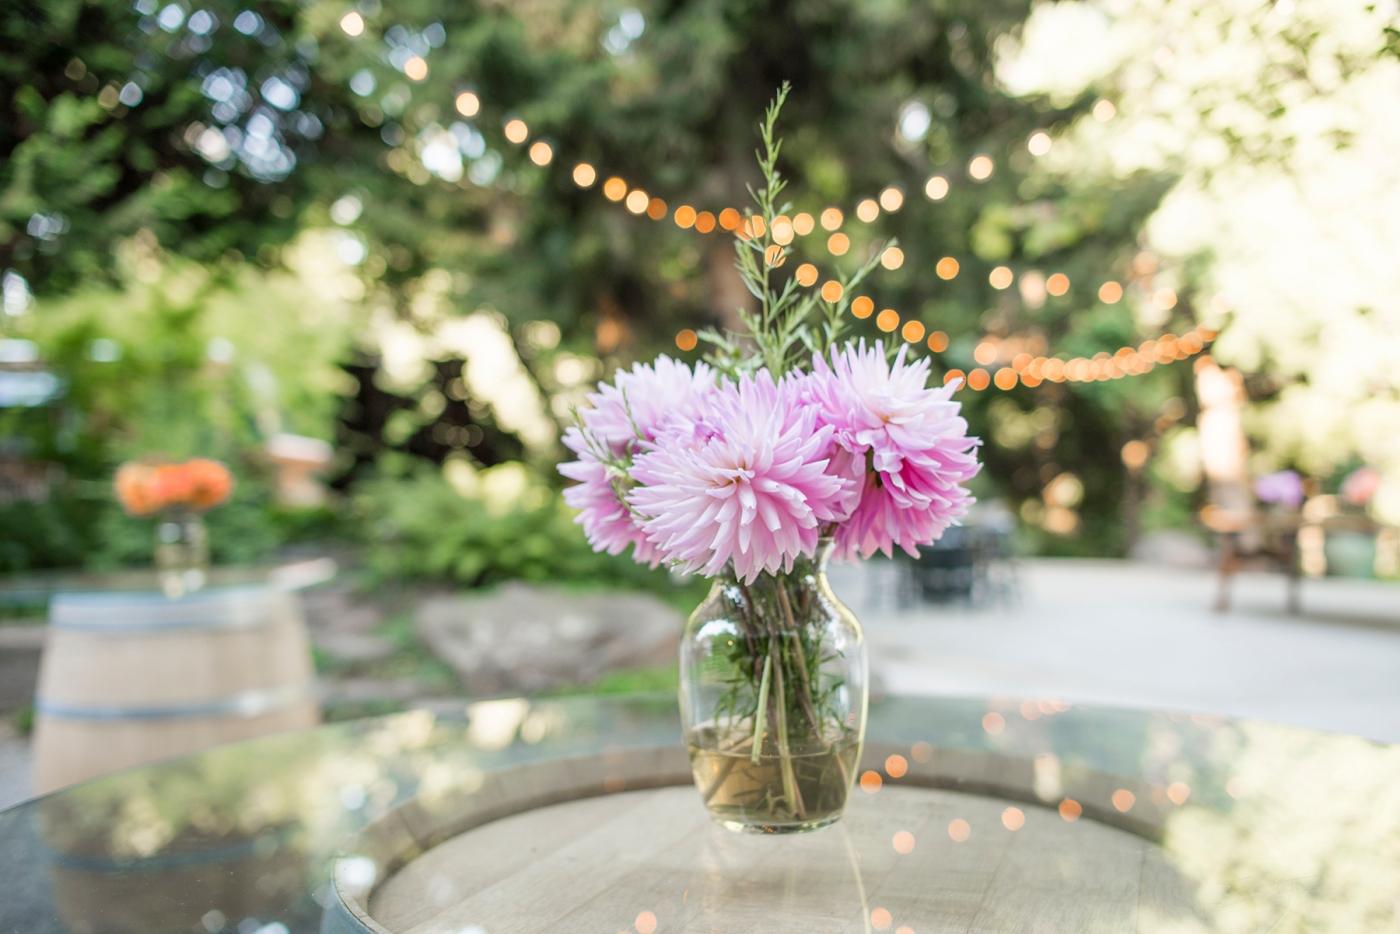 ang_matt_jm_woodinville_2016_js_photography_wedding_dsc_2922